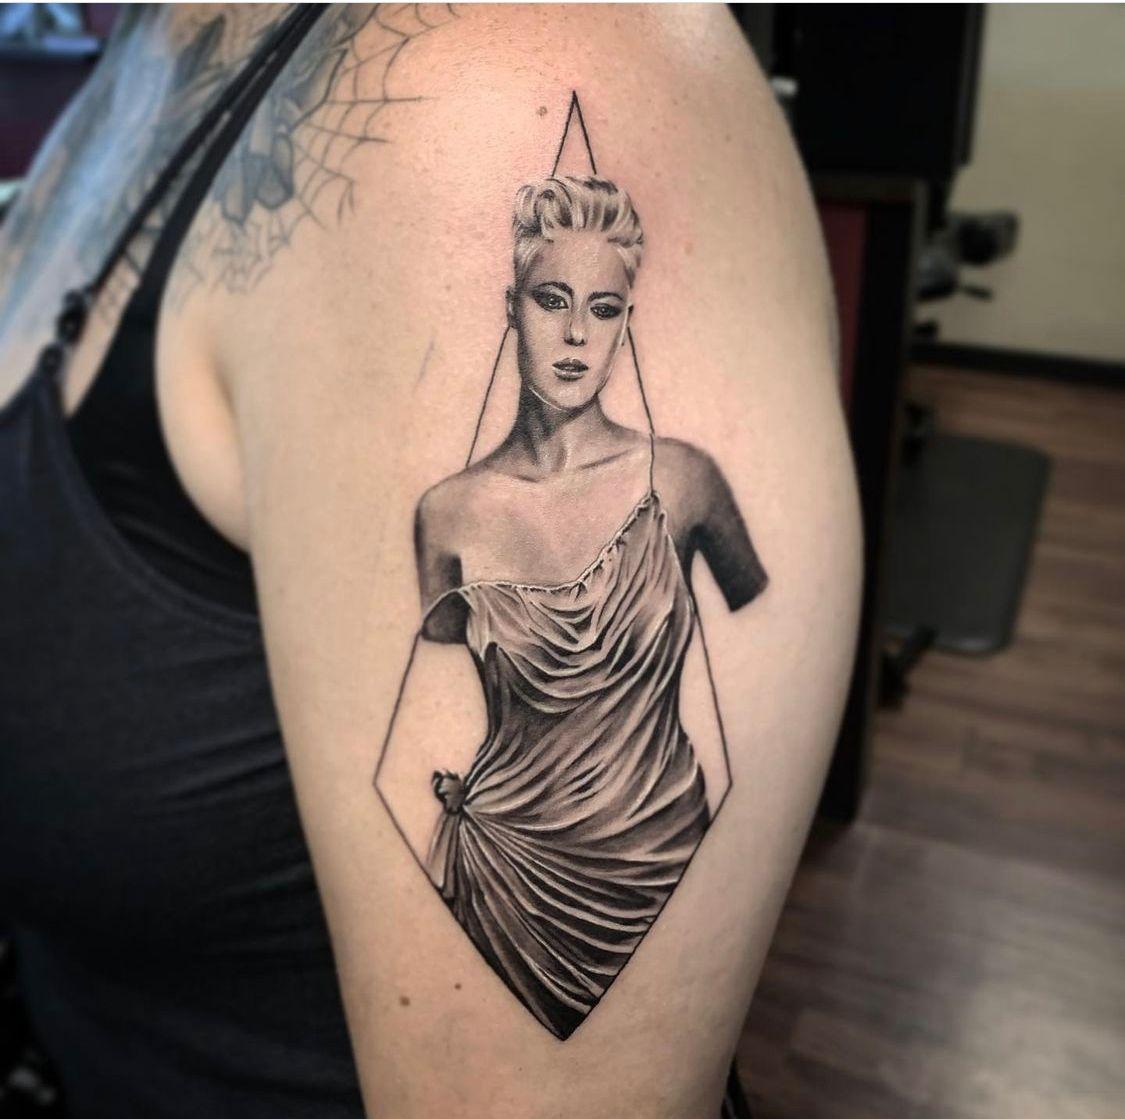 Raul Body tattoo